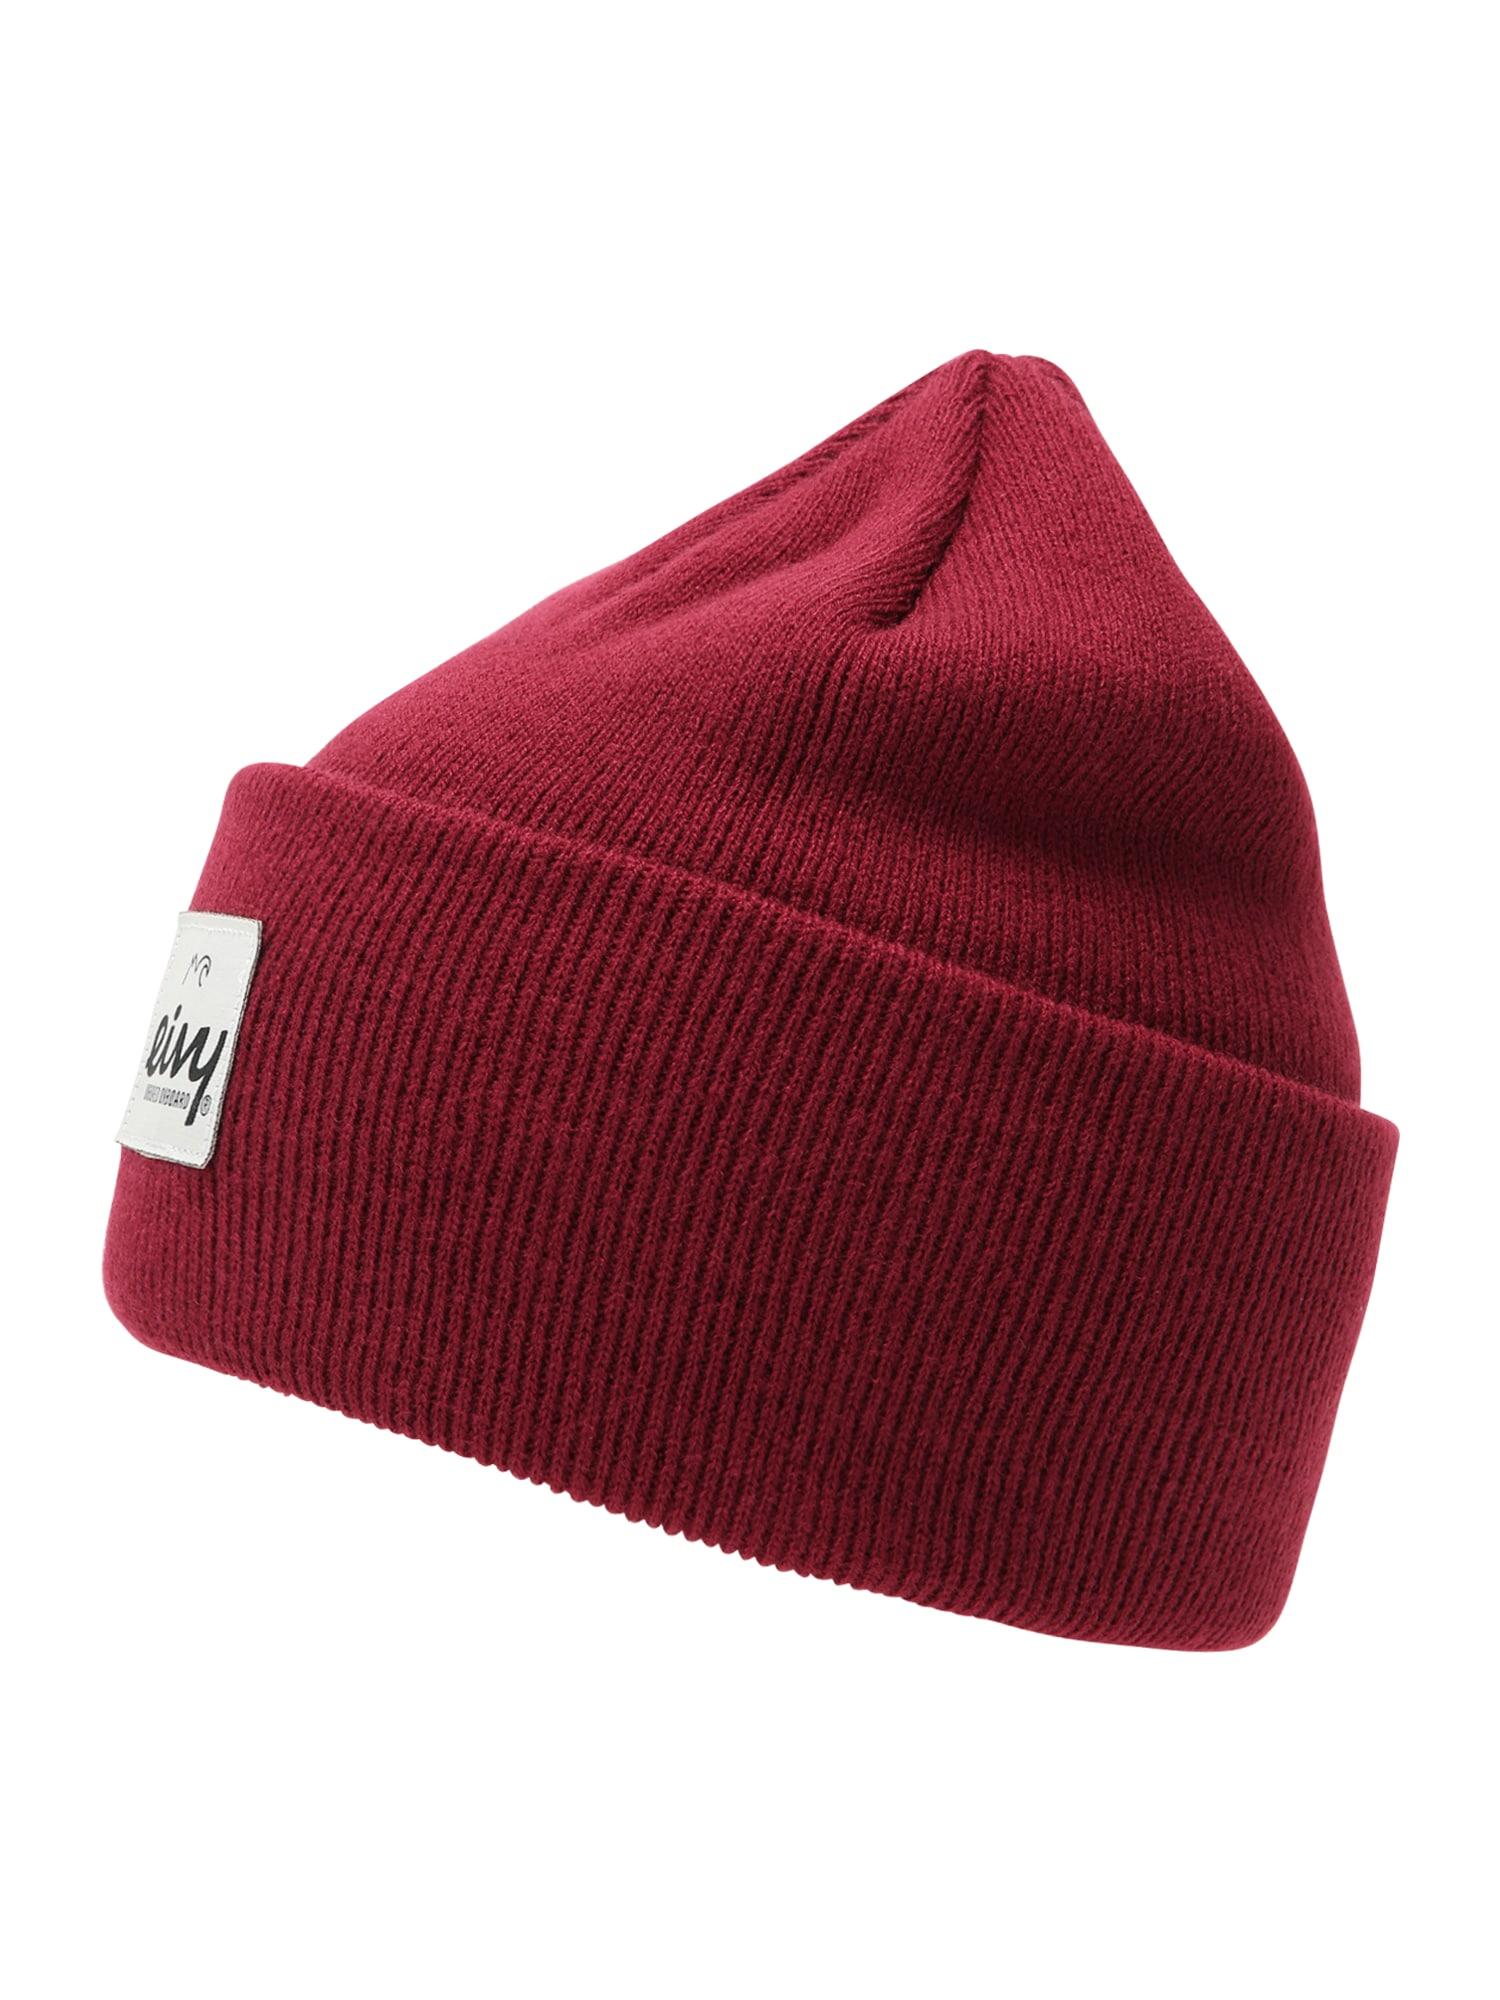 Eivy Sportinė kepurė